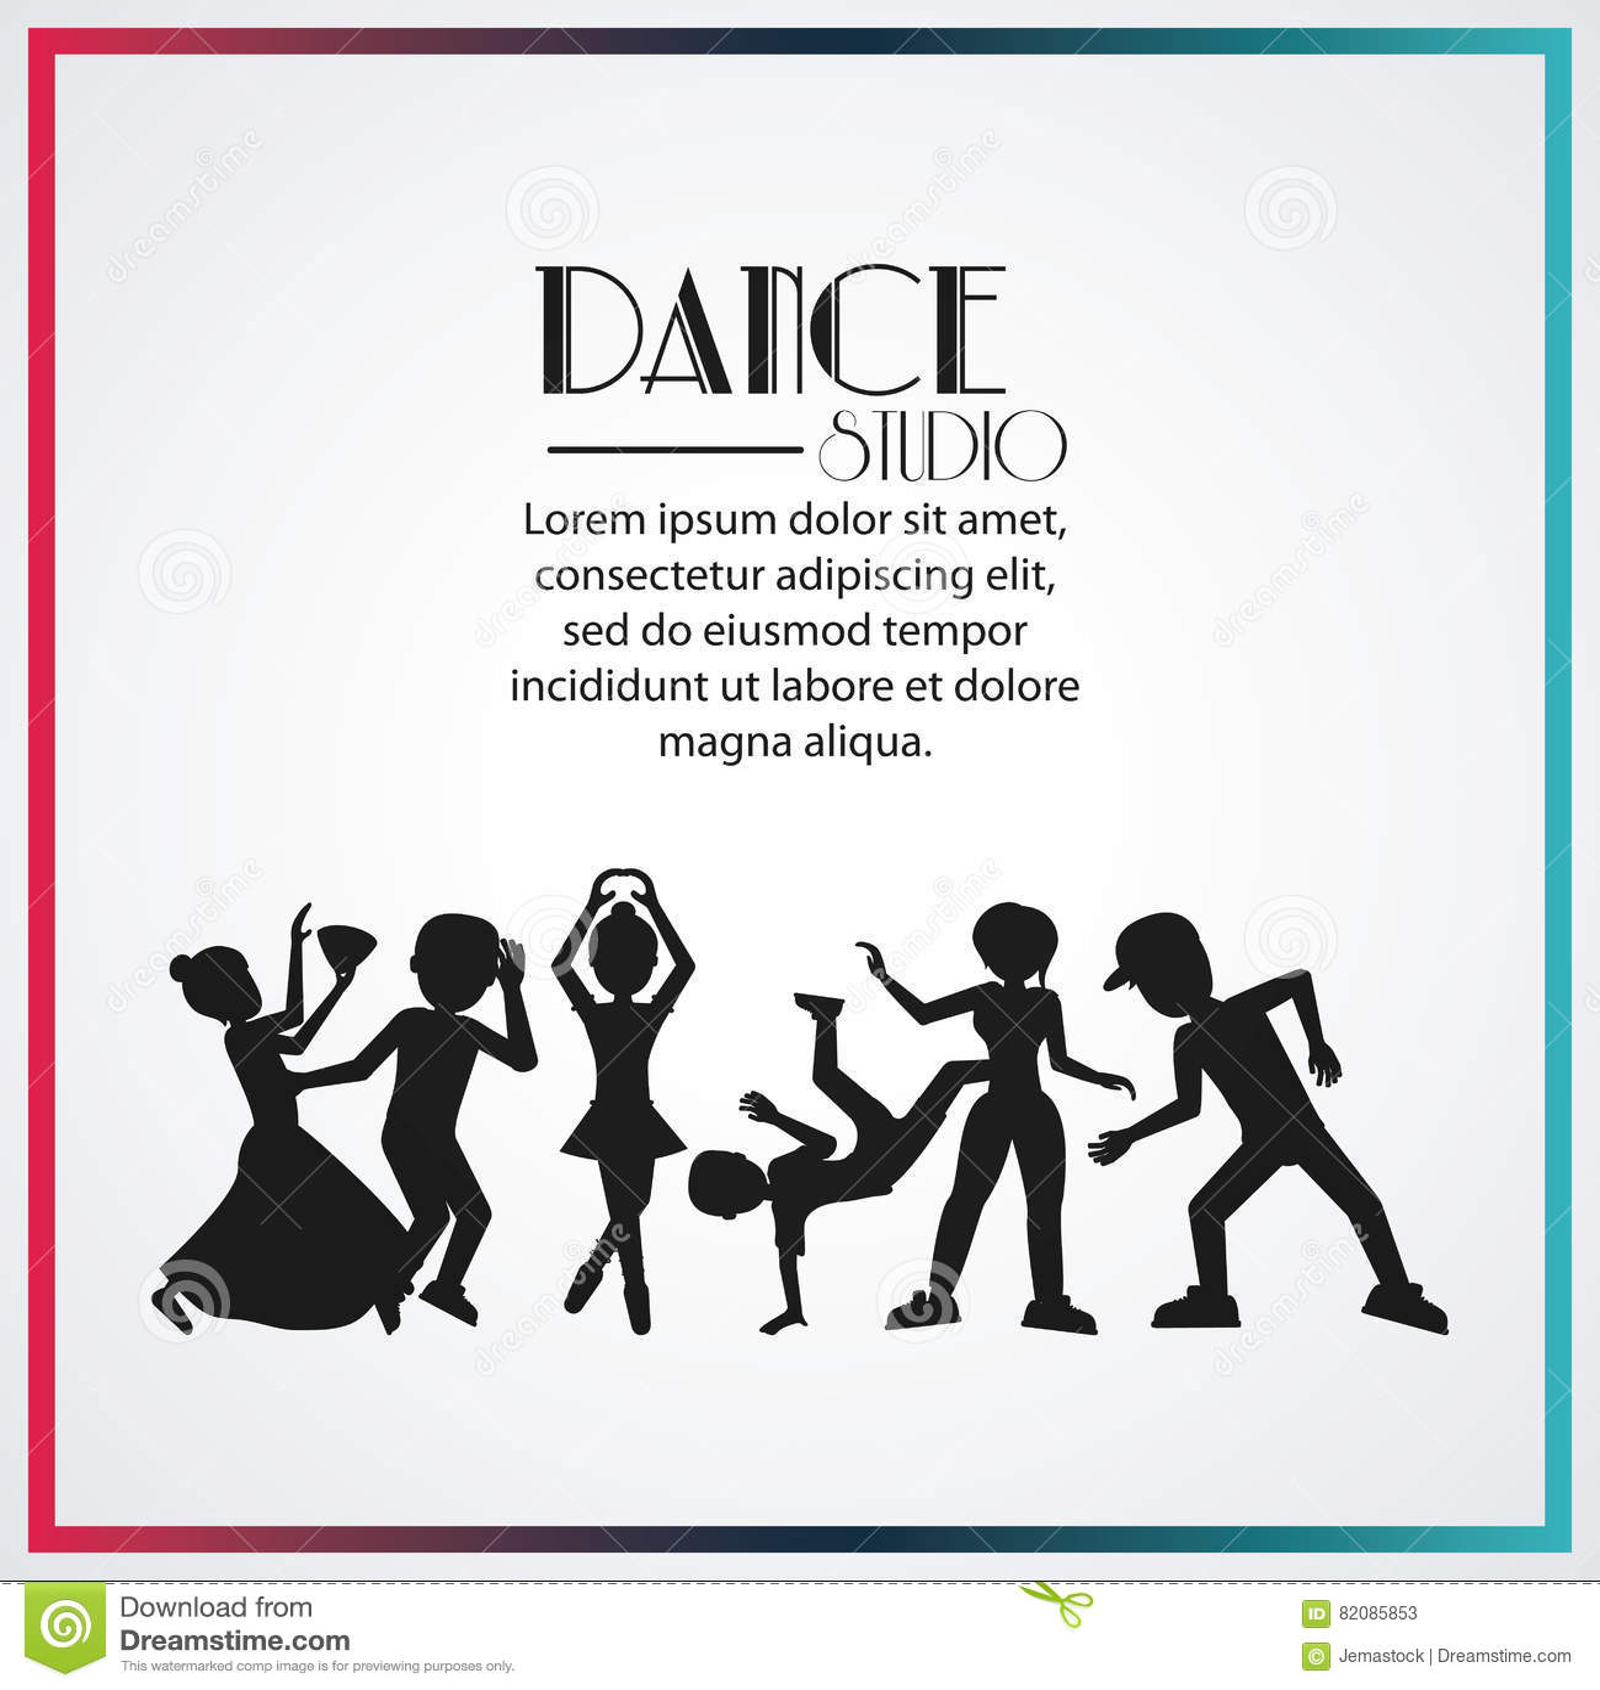 Dance Studio Avatar Dancer Design Stock Vector - Illustration of ...